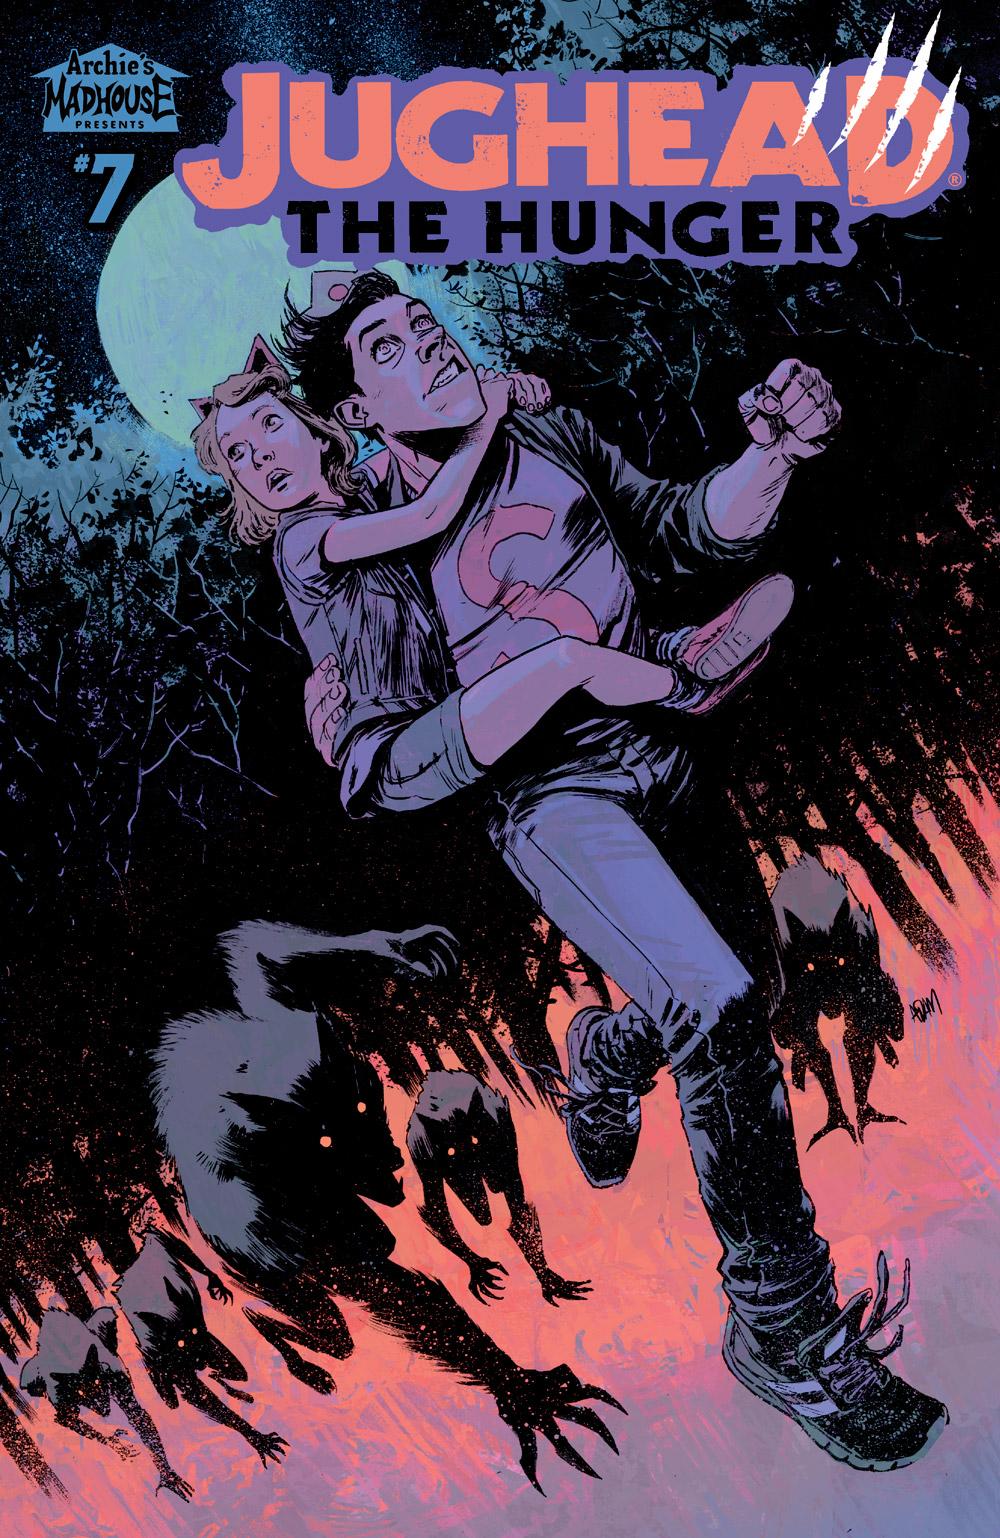 Archie Meets Batman '66 is here! - 7/18/18 Previews - Archie